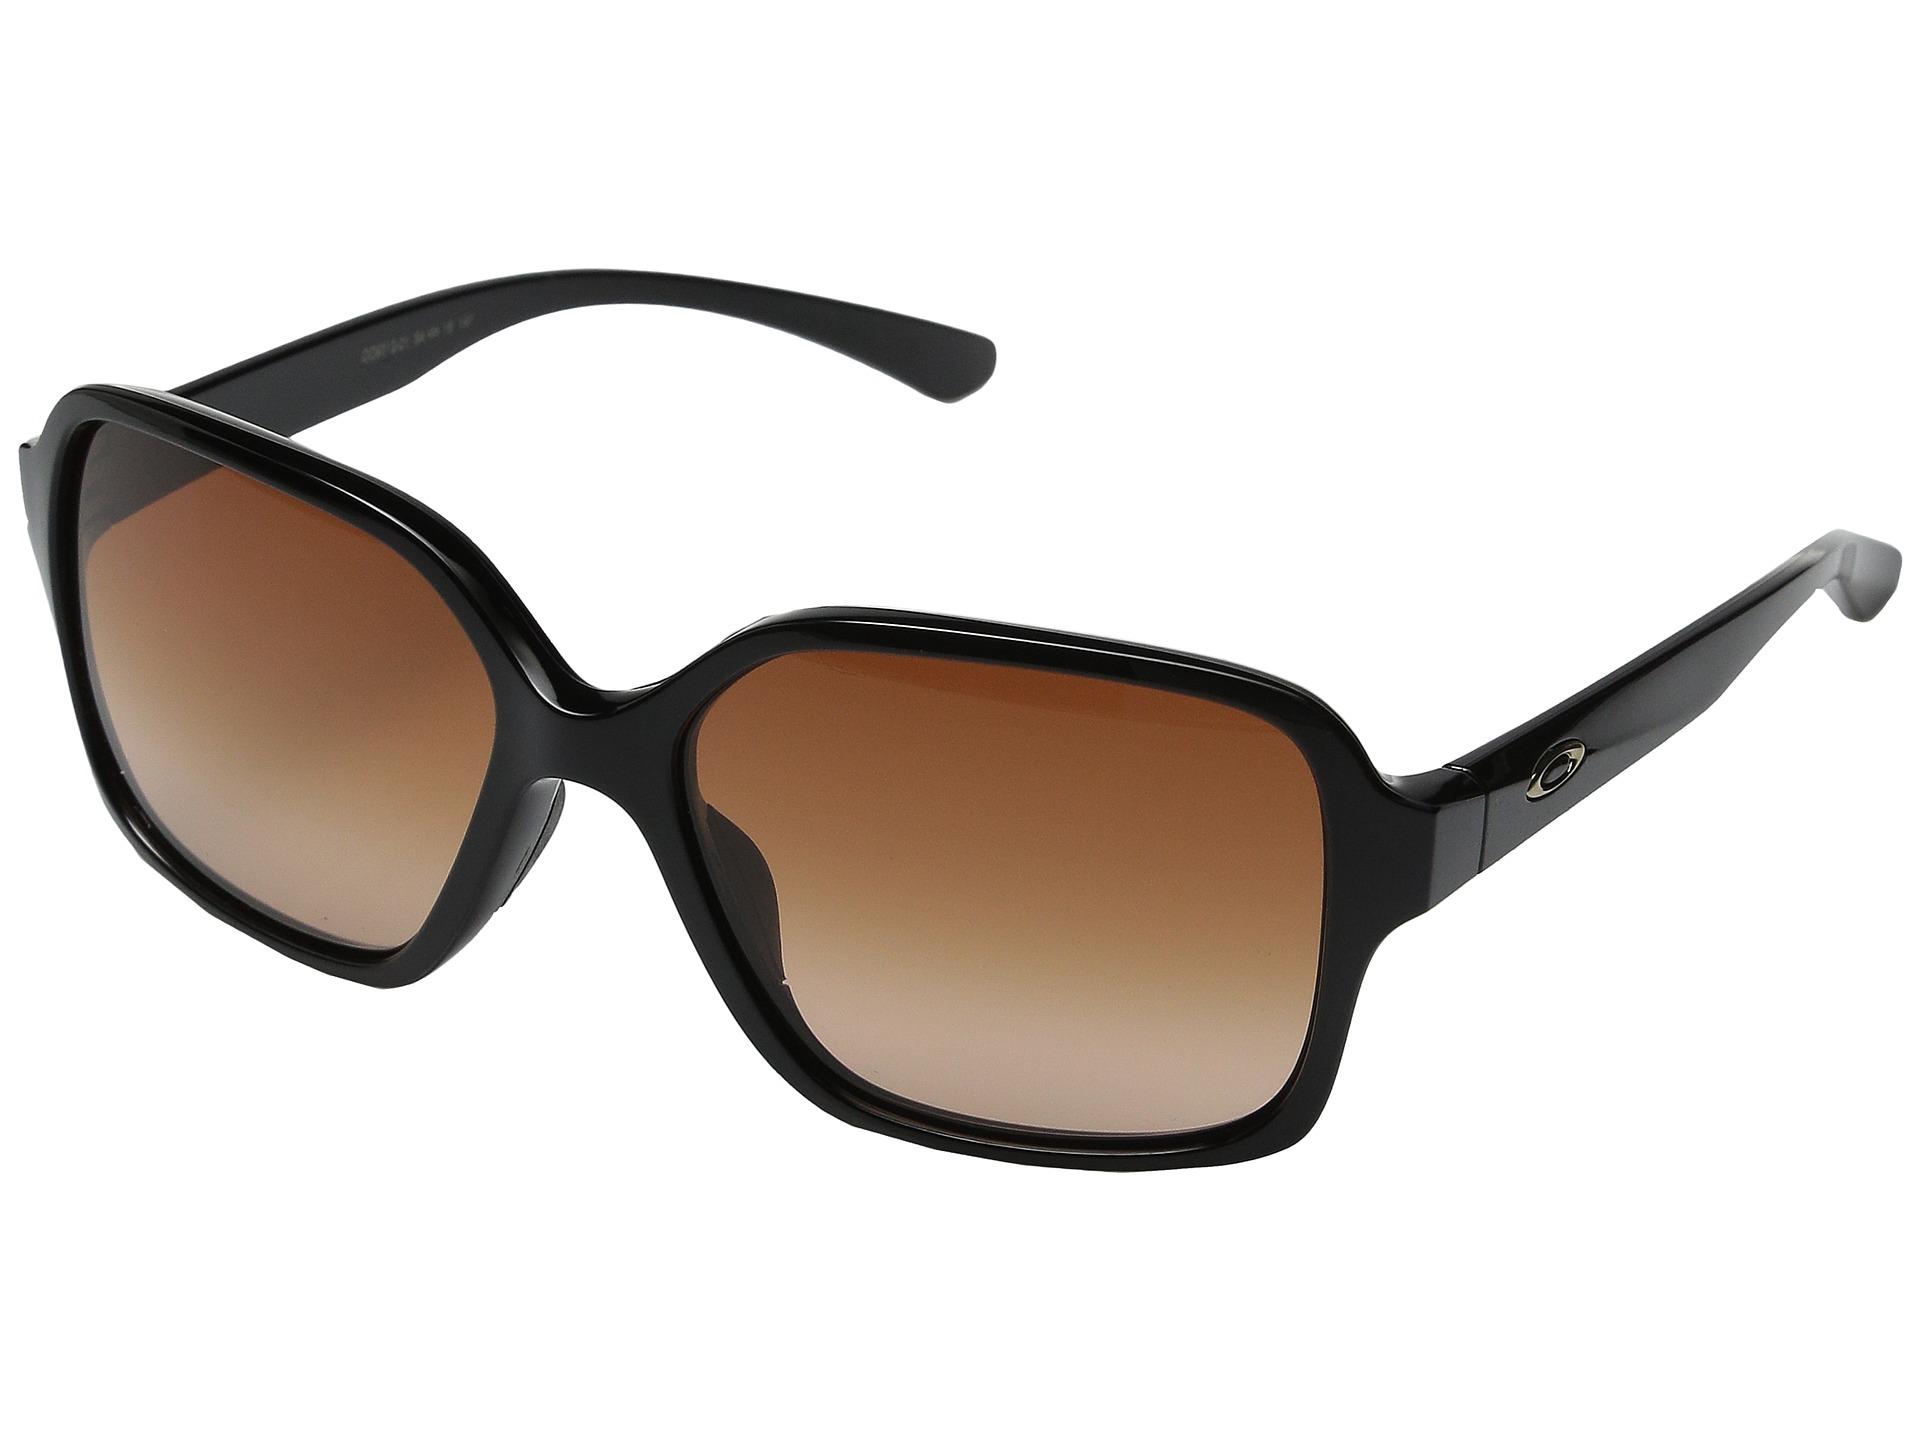 090bde9cf8 Oakley Proxy Sunglasses For Sale